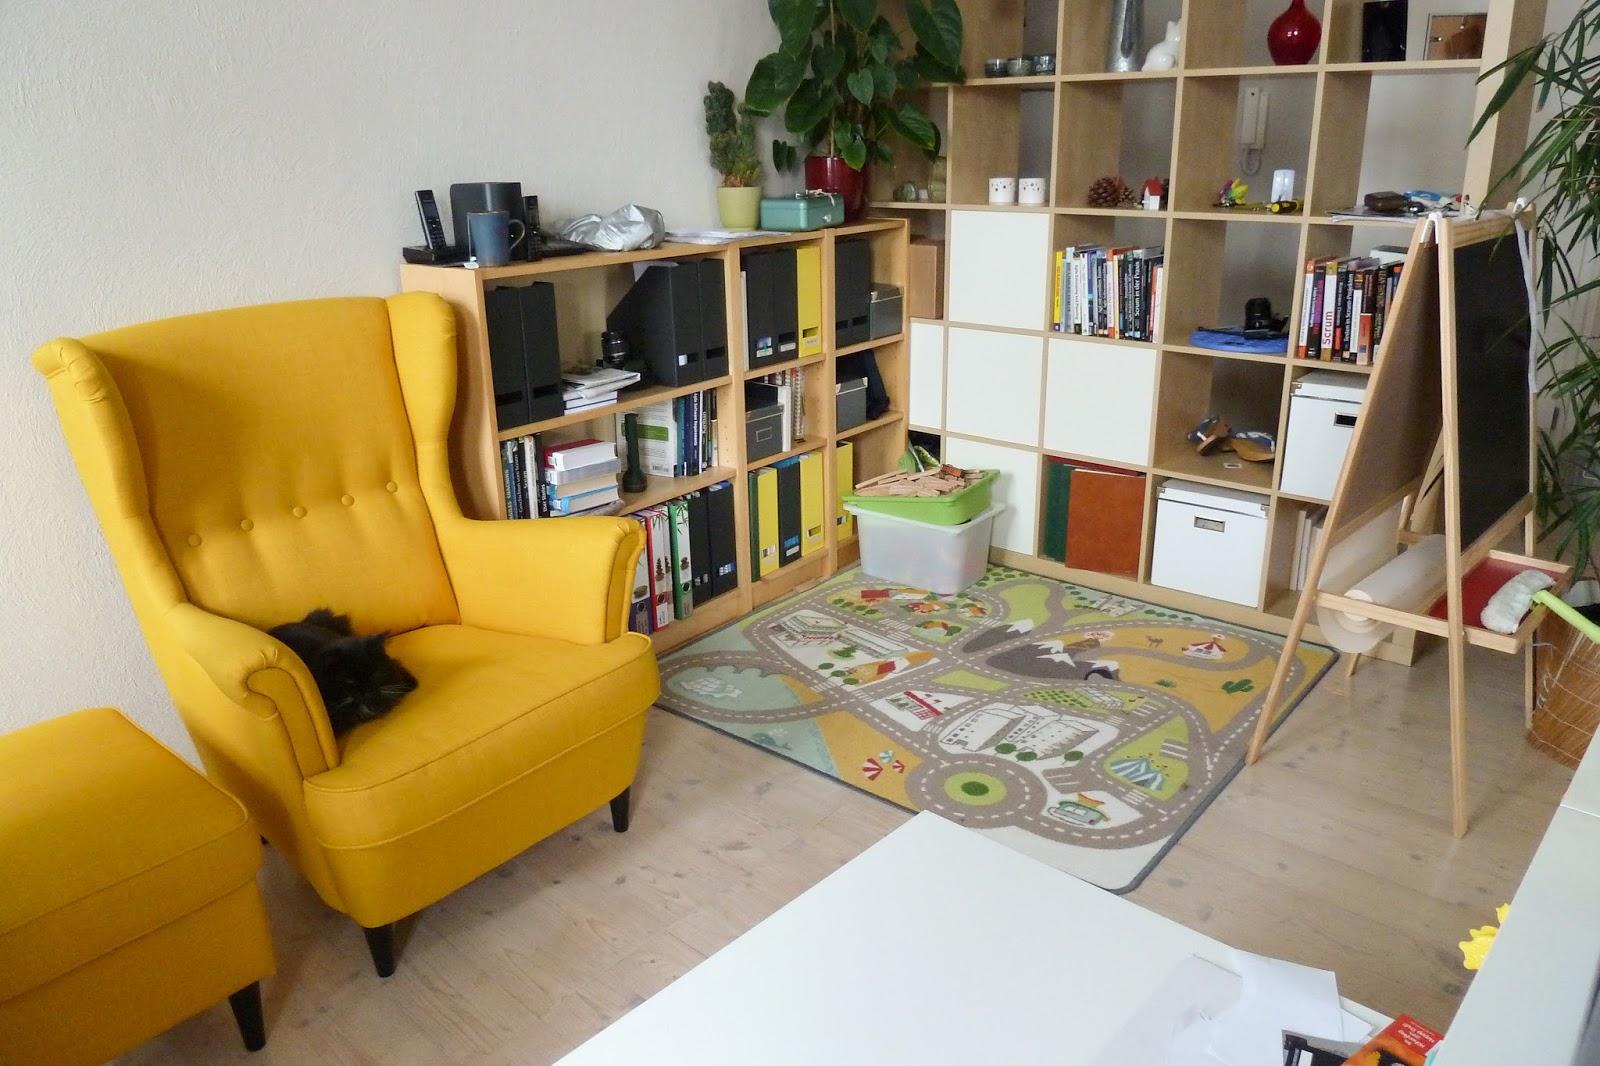 Arbeitszimmer gestaltungsmöglichkeiten  Arbeitszimmer Gestaltungsmöglichkeiten Ikea | loopele.com